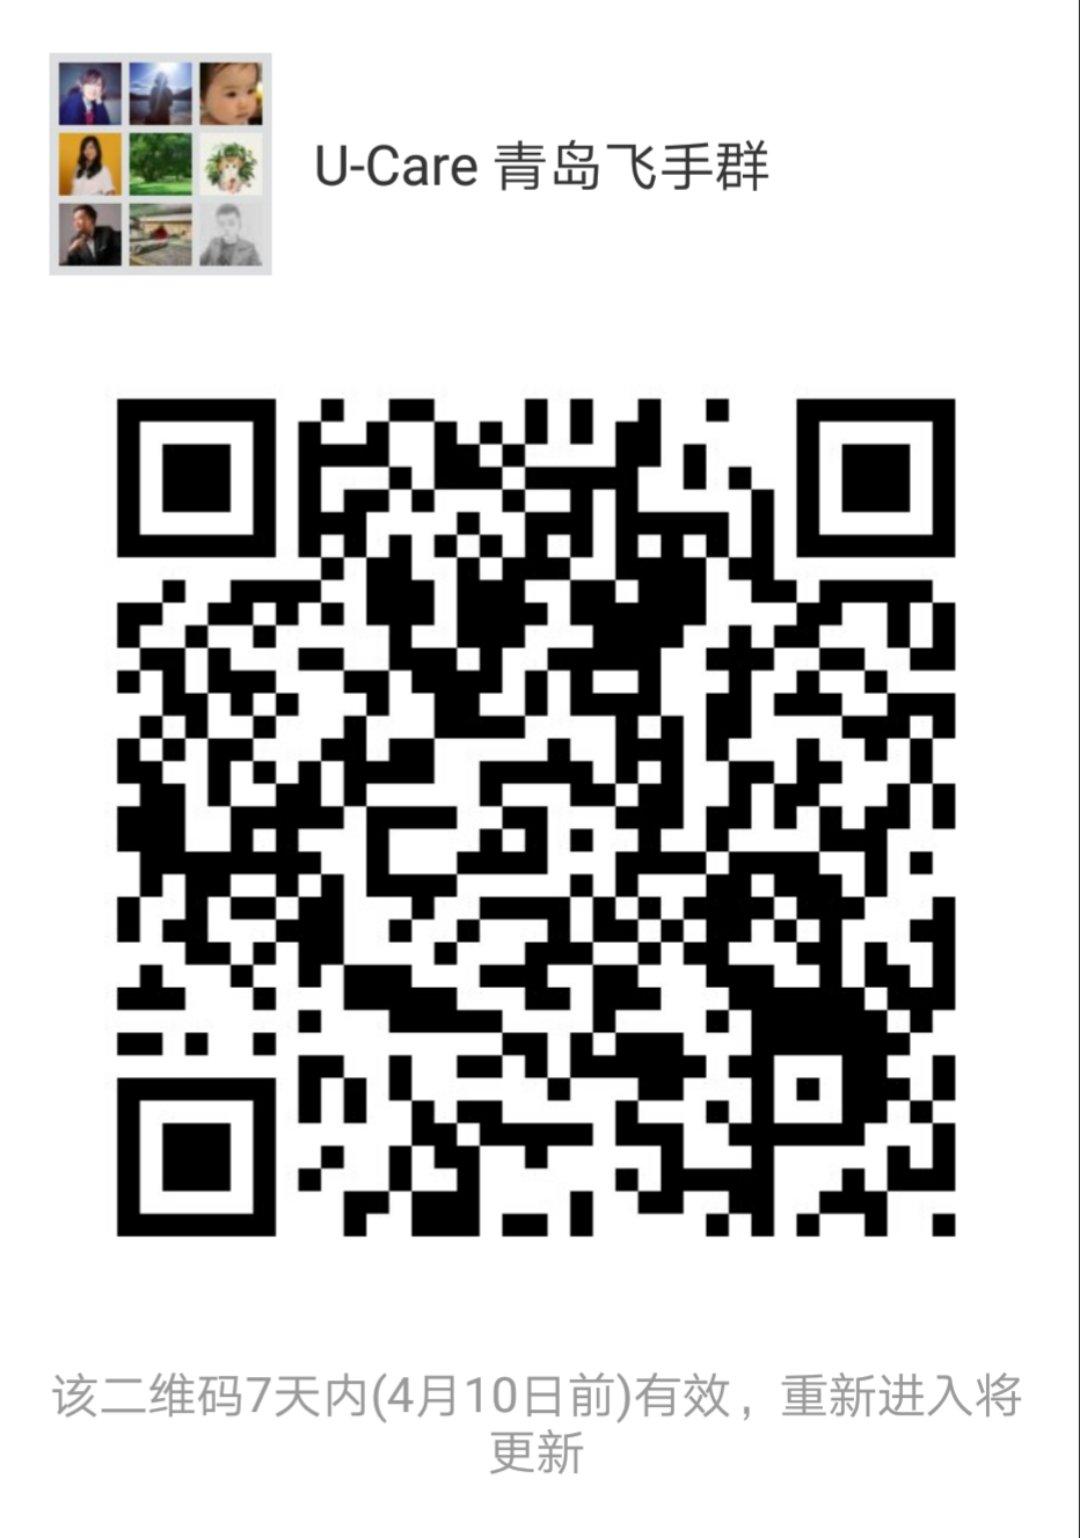 微信图片_20180403152444.jpg